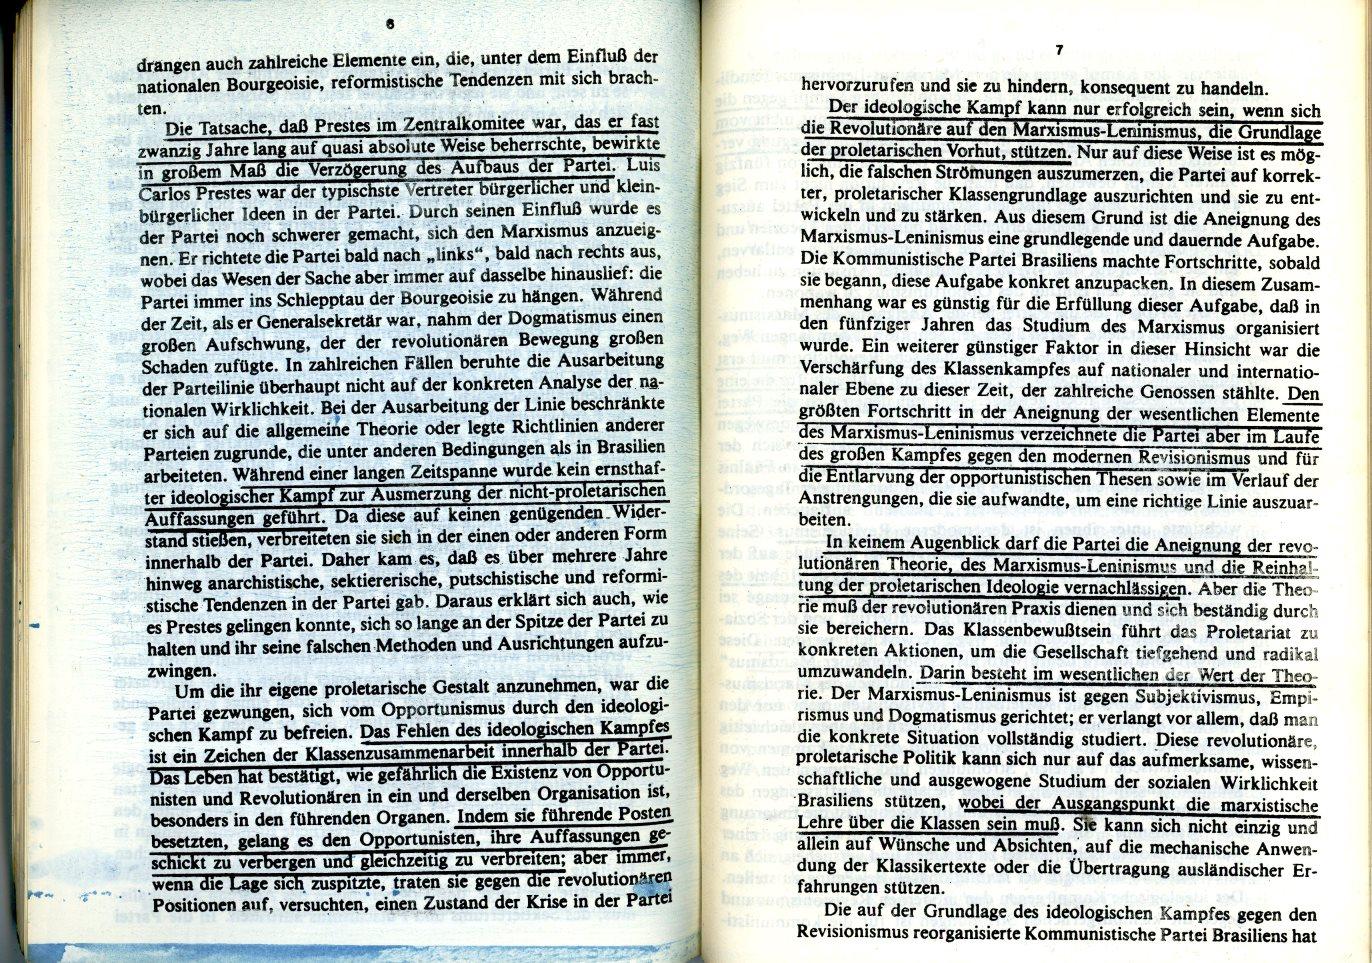 MLSK_Theorie_und_Praxis_des_ML_1978_20_12